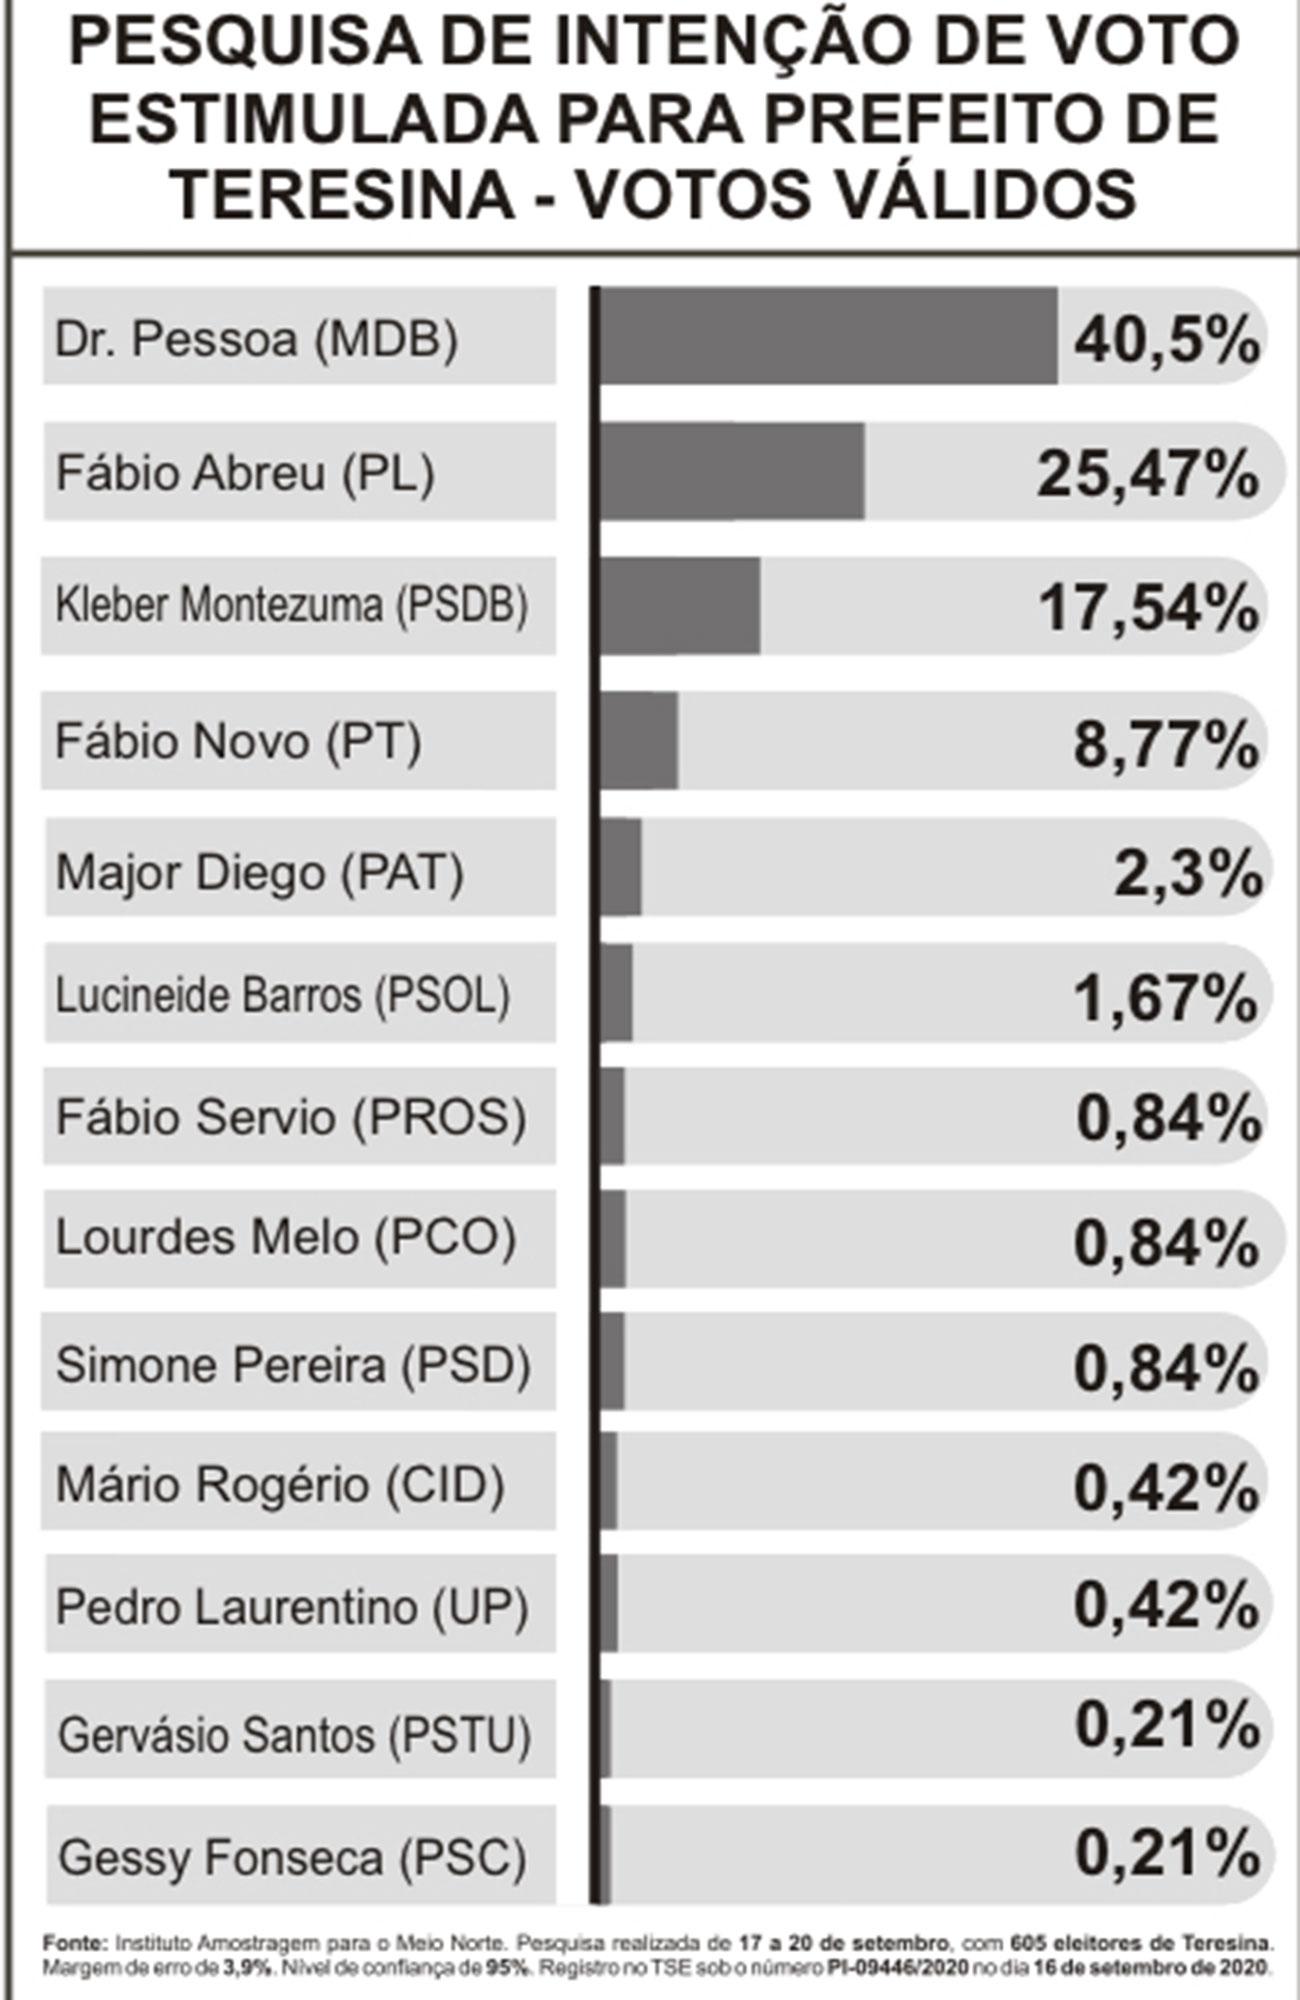 Votos Válidos: Pessoa tem 40,5%; Abreu 25,47% e Kleber 17,54%